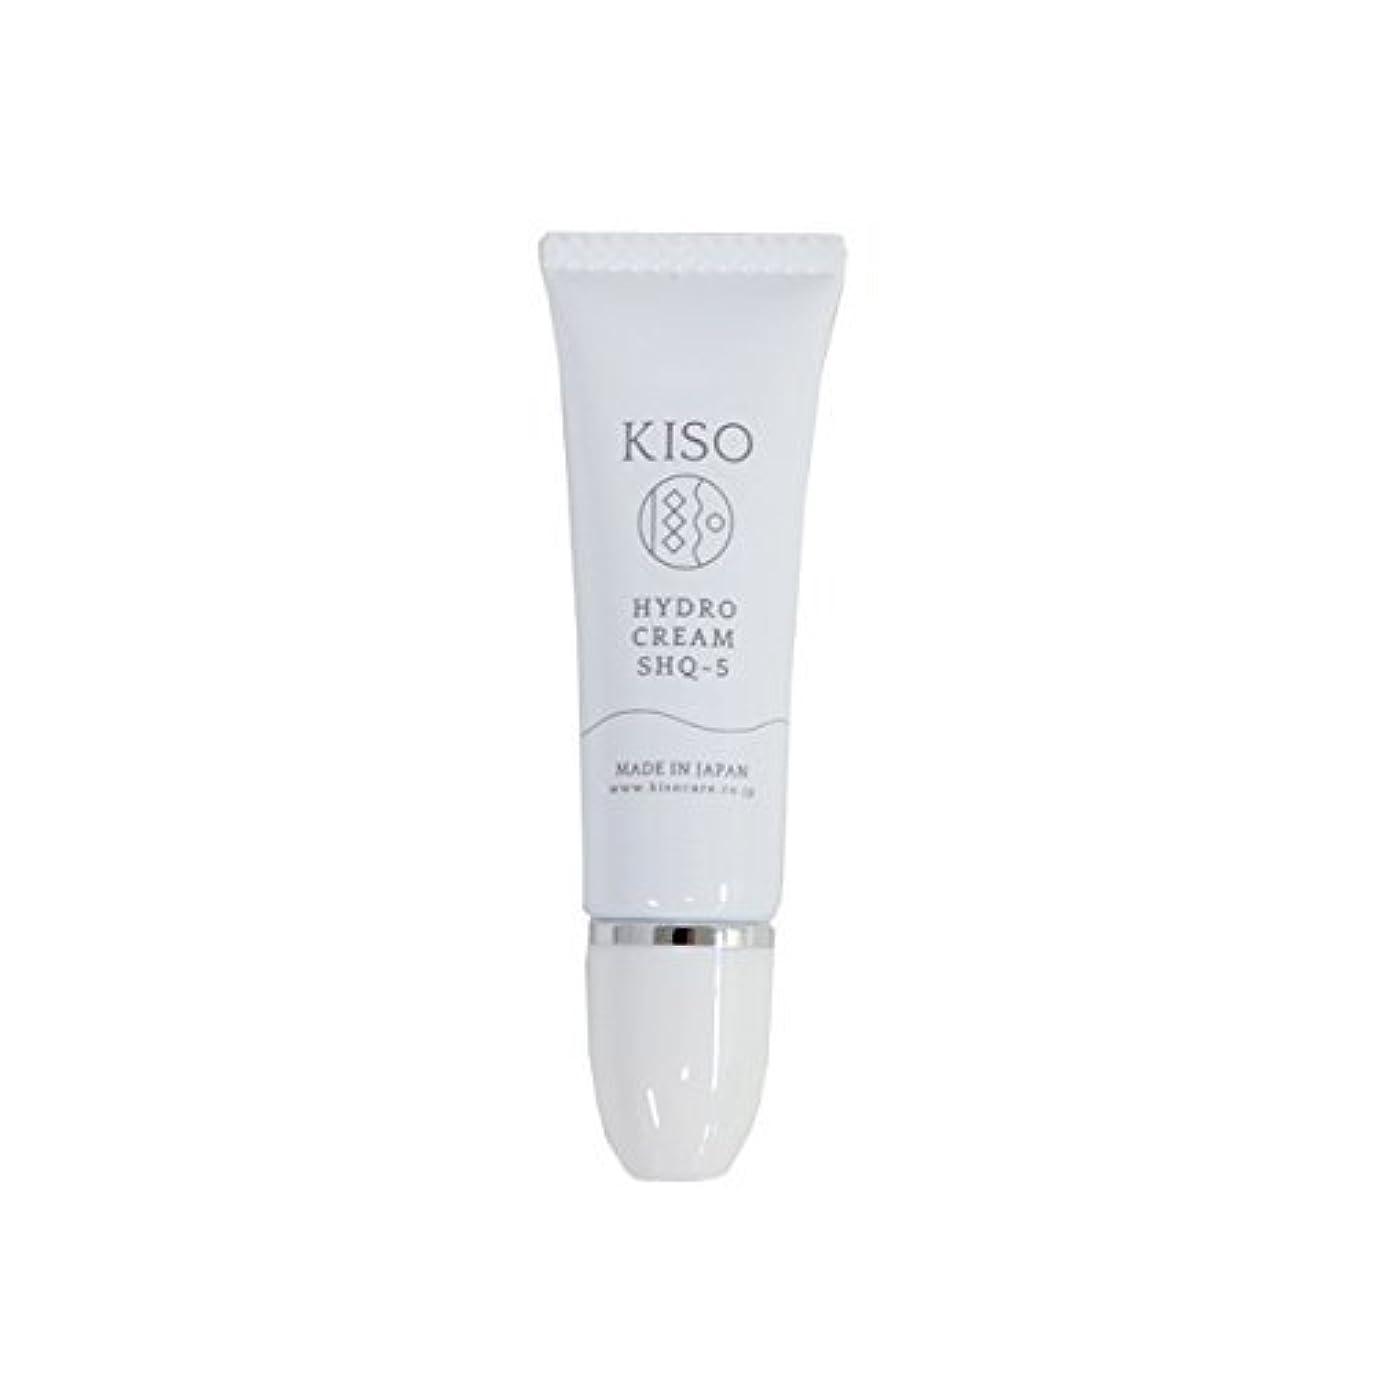 くそーターゲット四回KISO 安定型 ハイドロキノン 5%配合【ハイドロ クリーム SHQ-5 10g】スキンケアで肌を整えた後にちょこっとケア 日本製